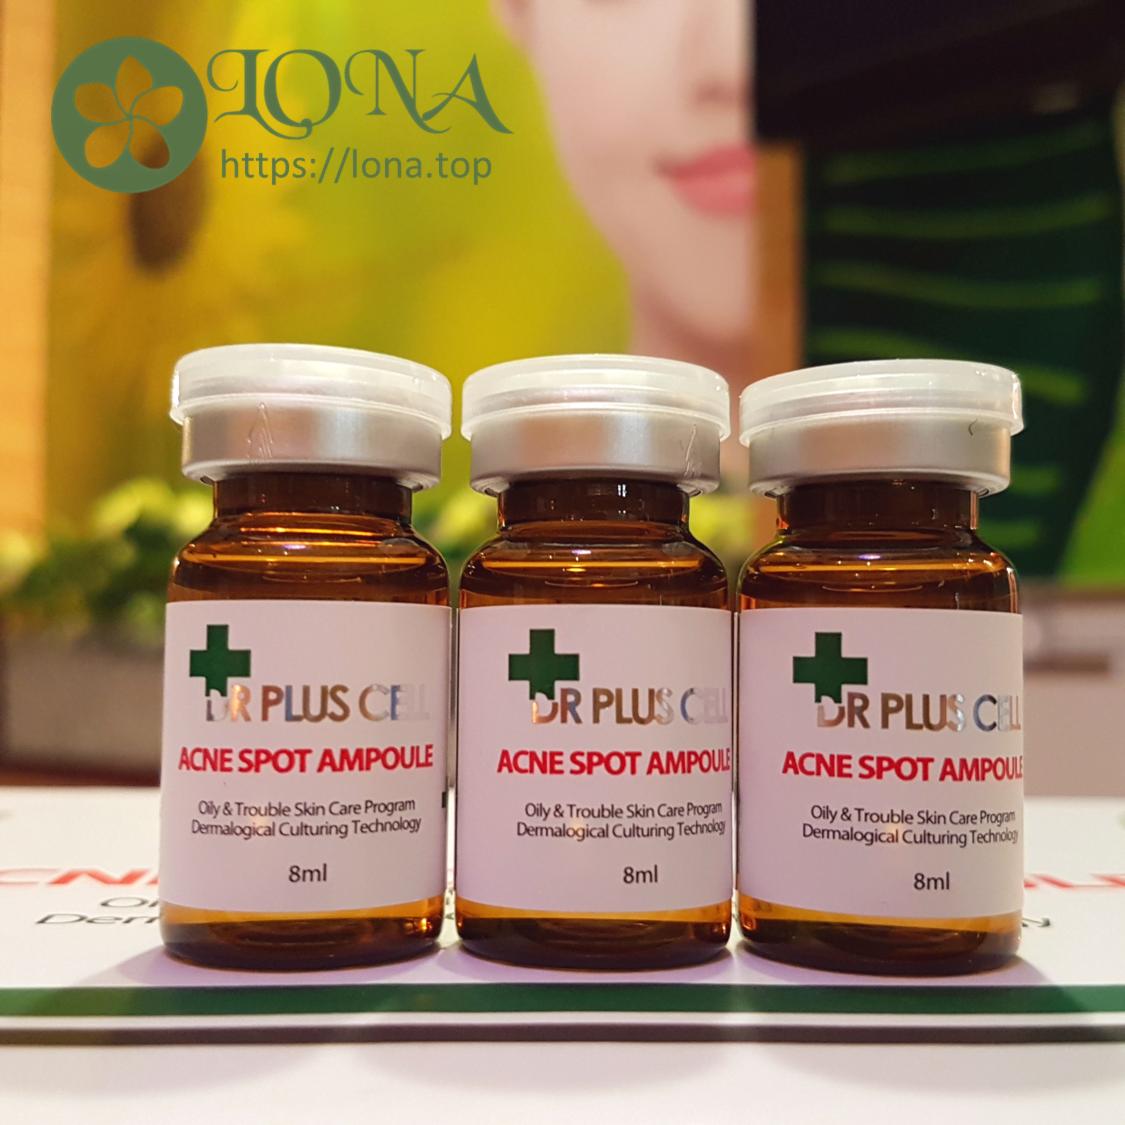 Tế bào gốc trị mụn dr pluscell - acne spot ampoule